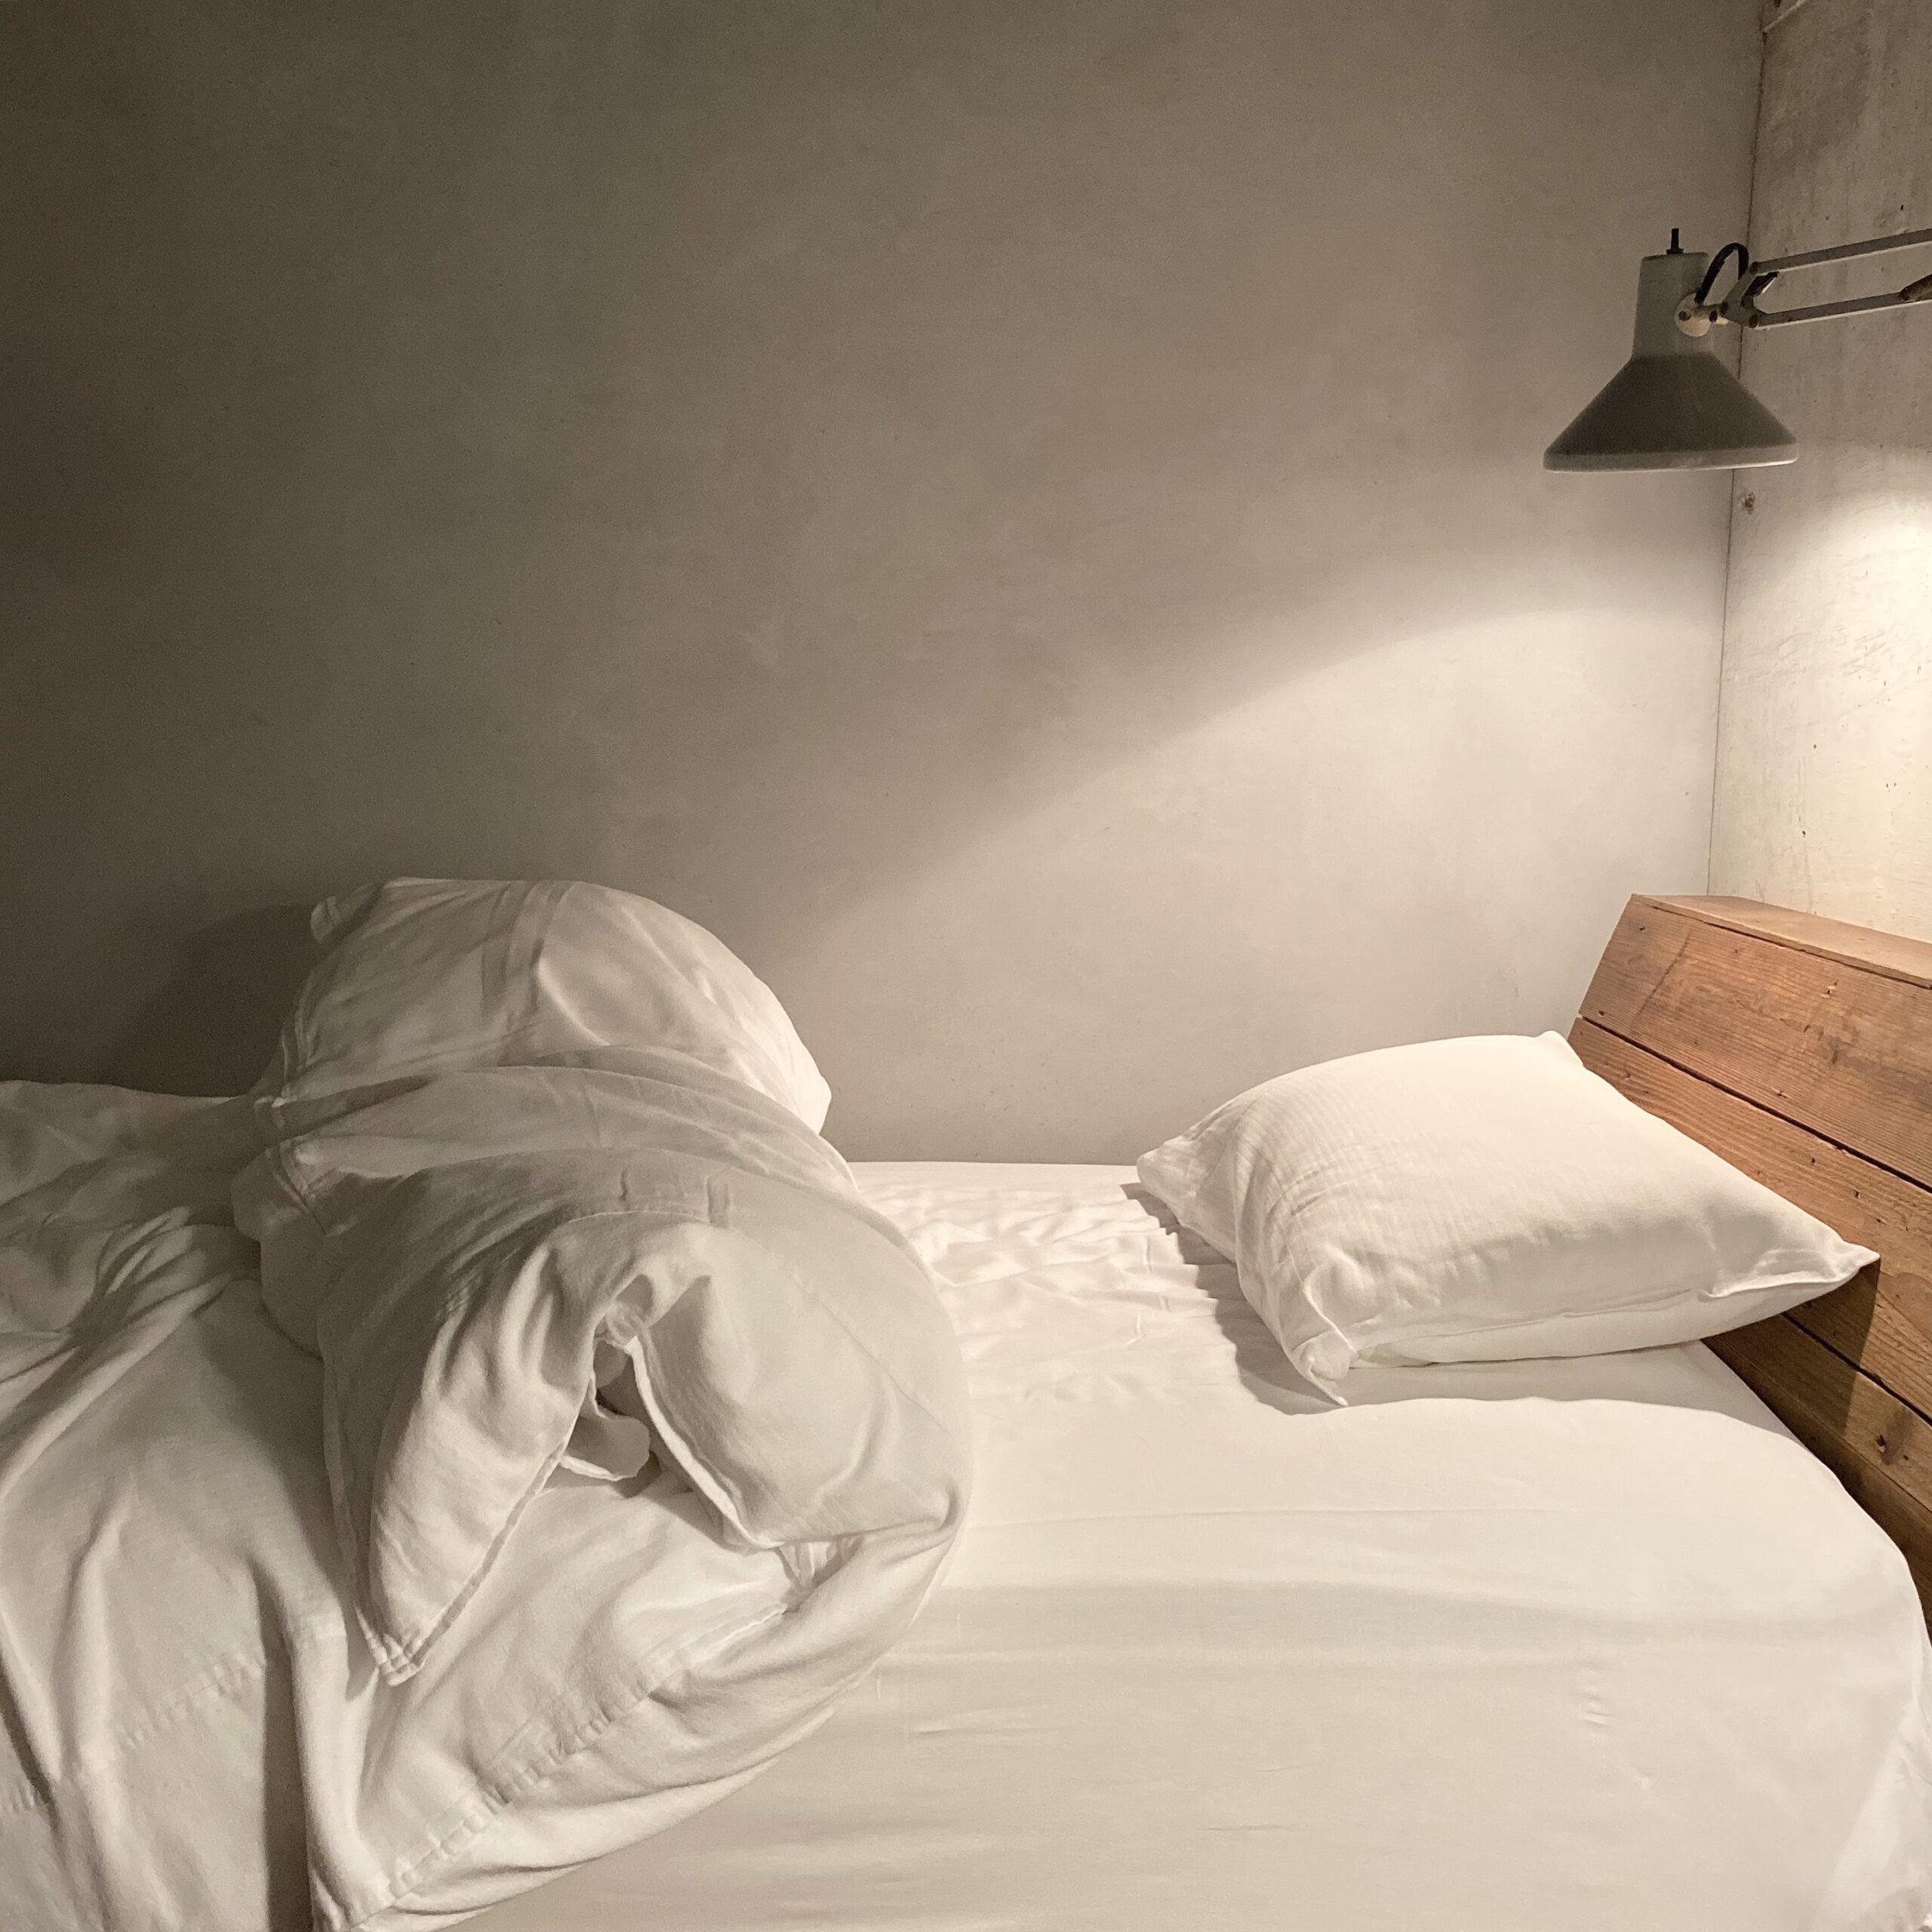 オシャレな私も、ベッドの上では油断してる